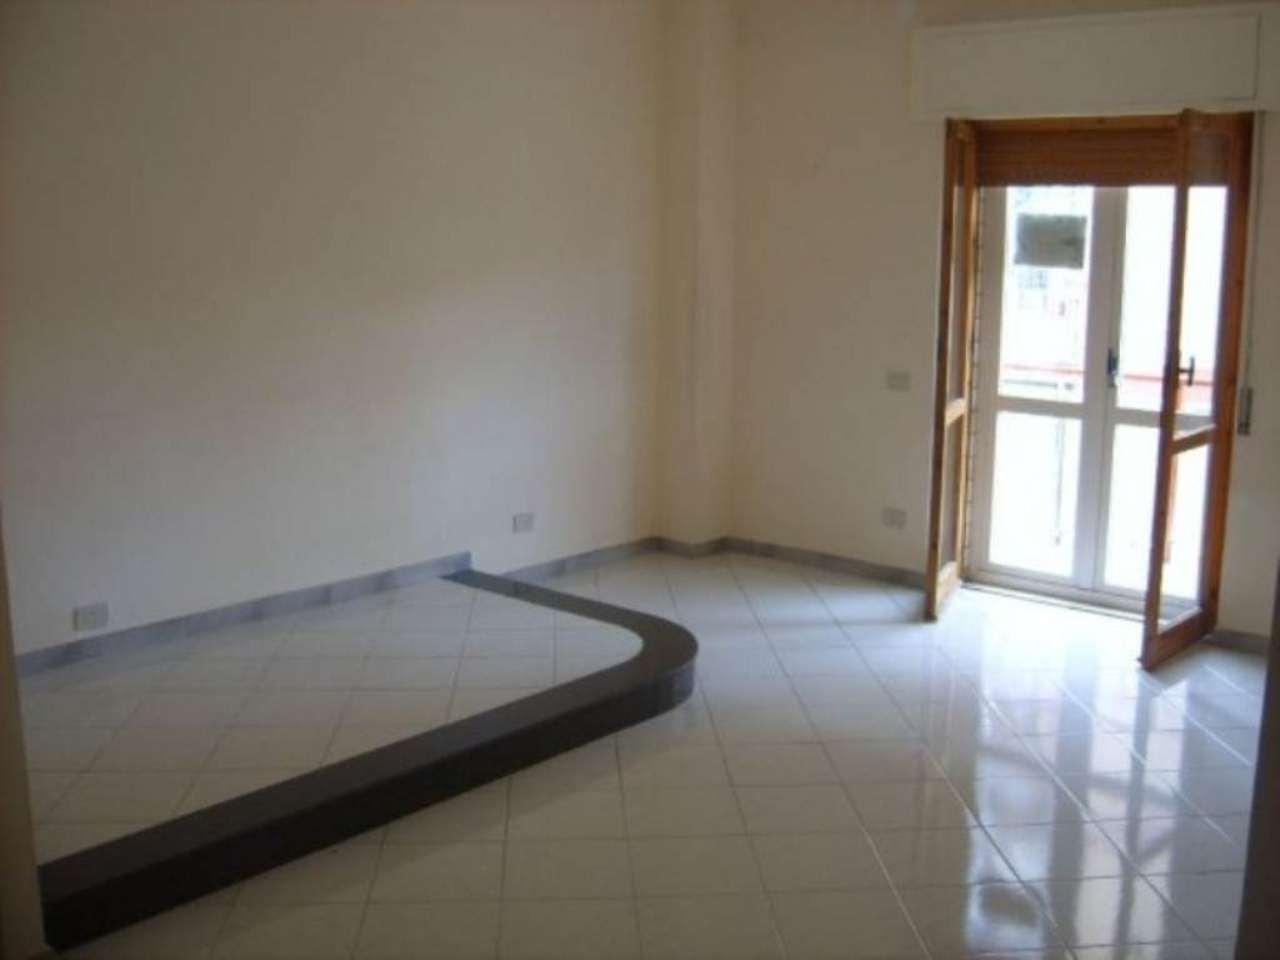 Appartamento in affitto a Capriglia Irpina, 4 locali, prezzo € 300 | Cambio Casa.it